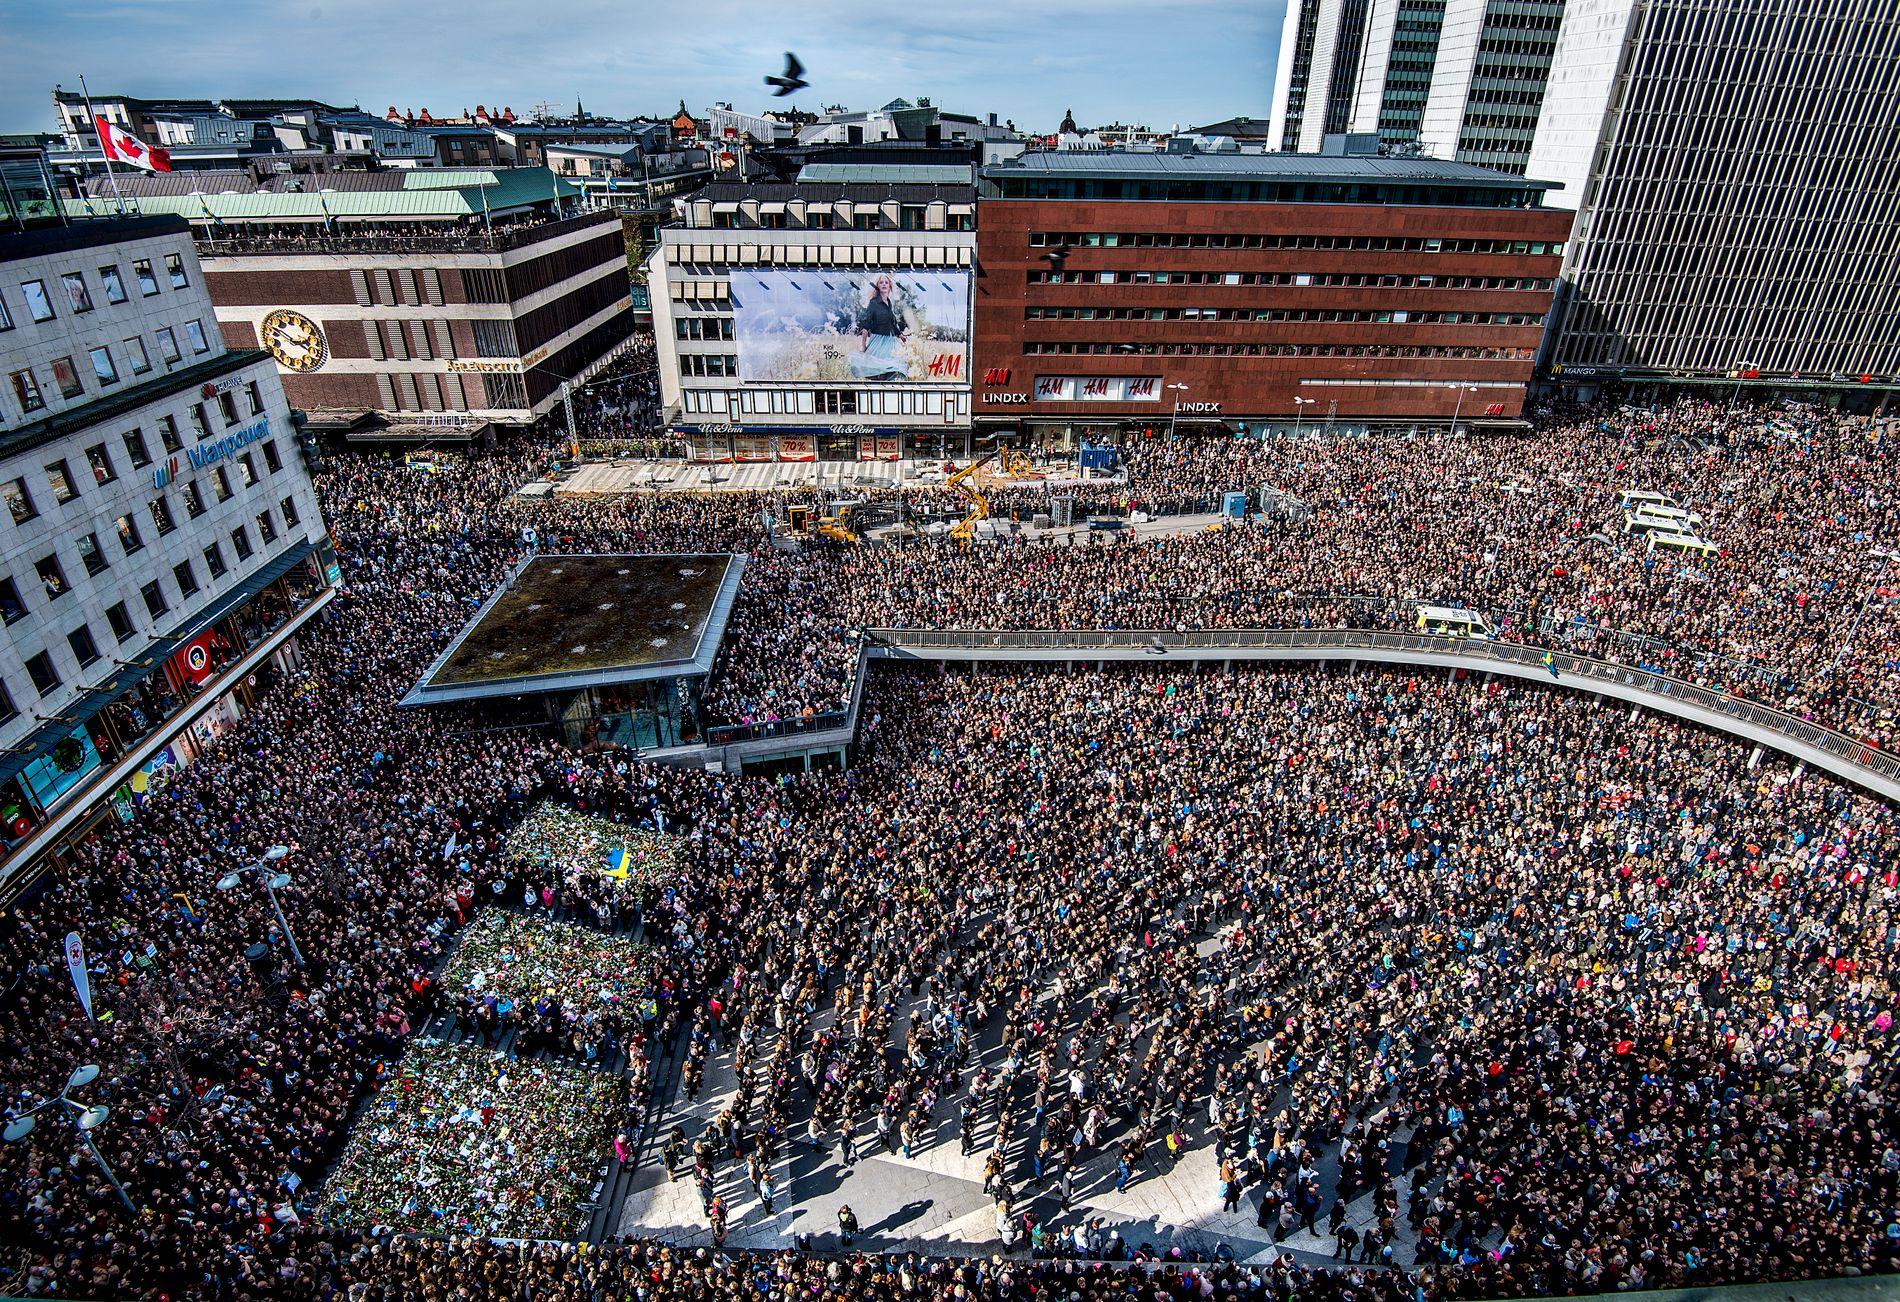 MINNES: Flere tusen samlet seg søndag foran kulturhuset i sentrum av Stockholm, 100 meter fra det lastebilen traff Åhlens fredag.